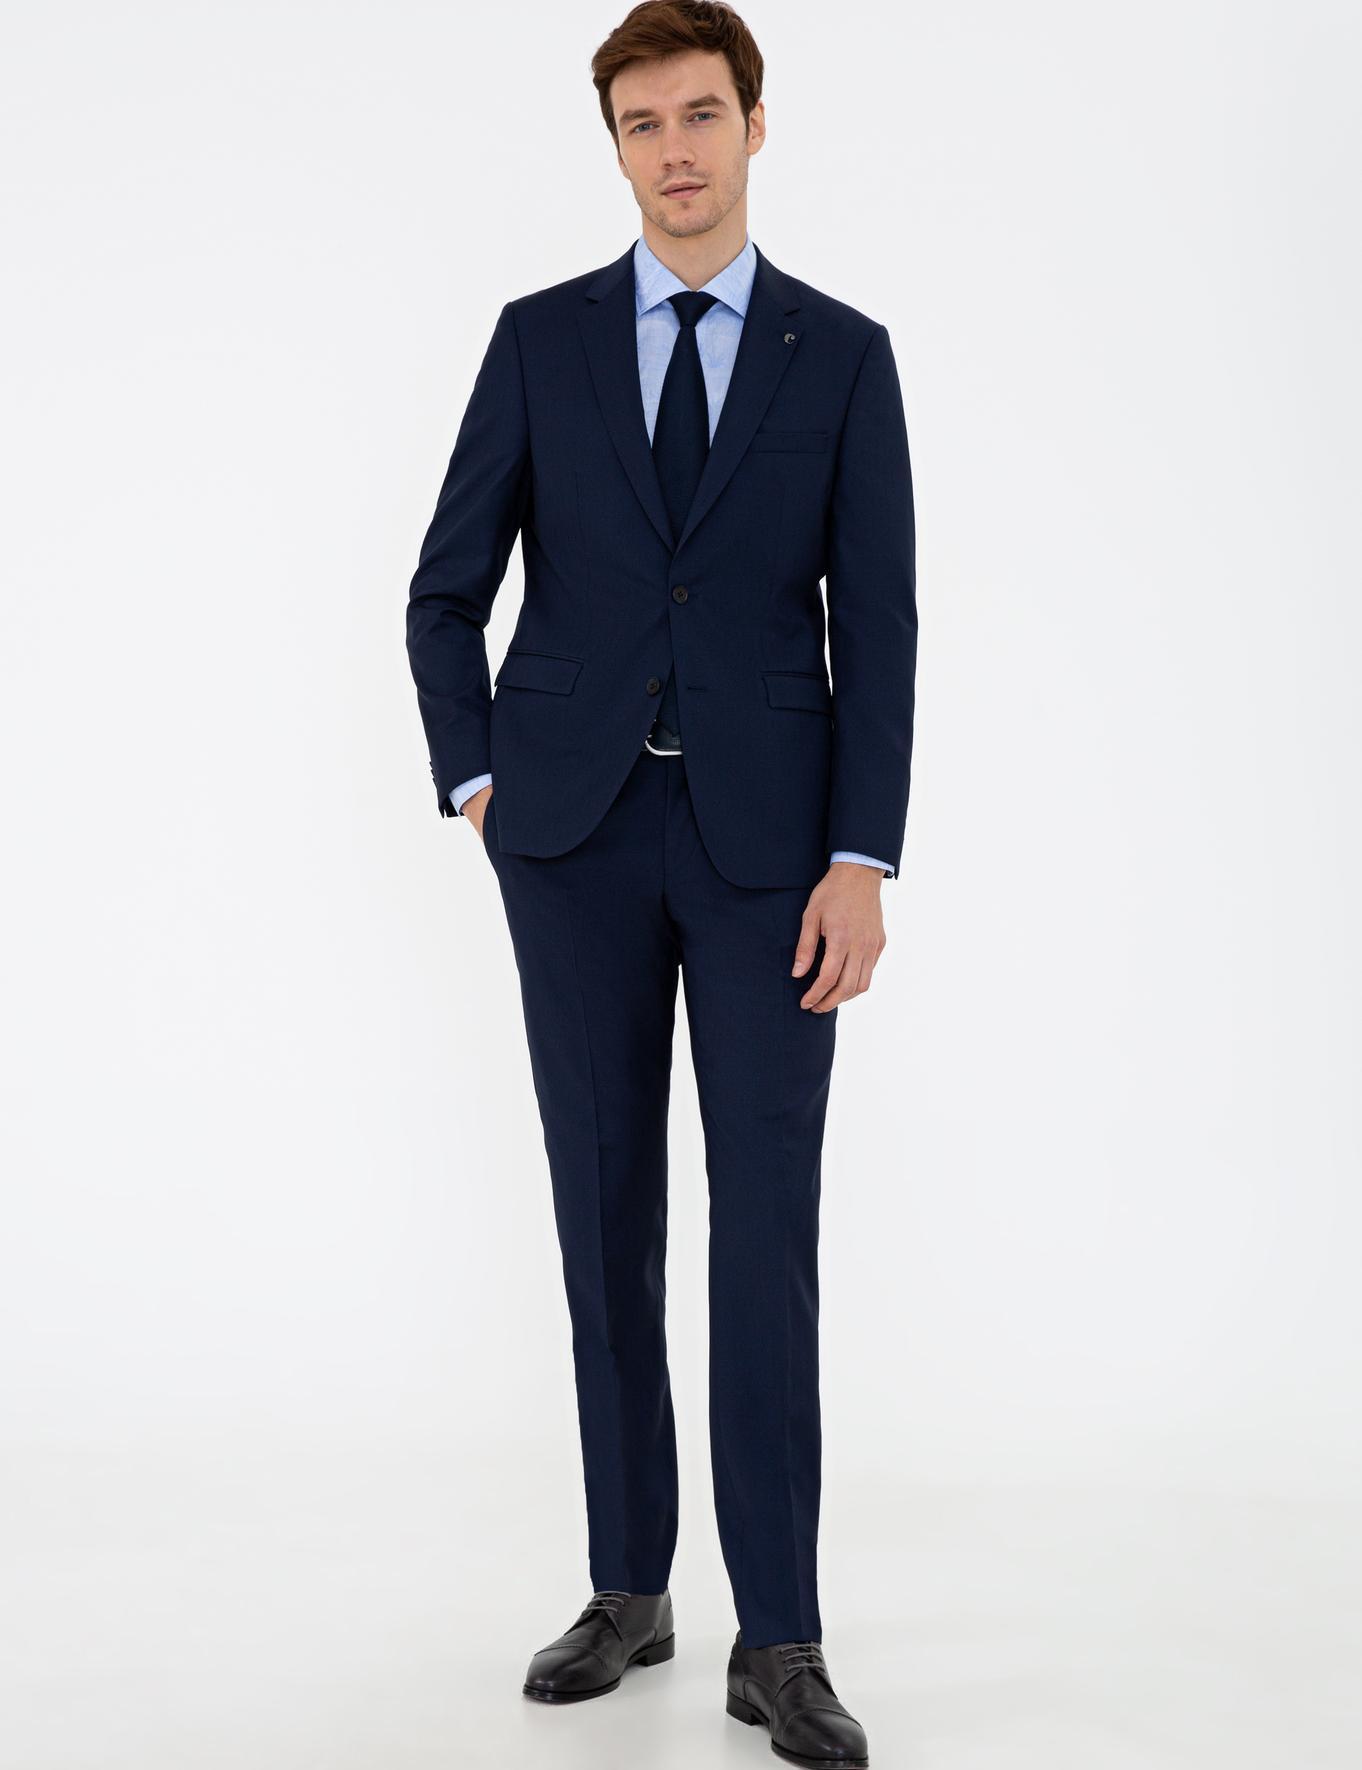 Lacivert Slim Fit Takım Elbise - 50233434011